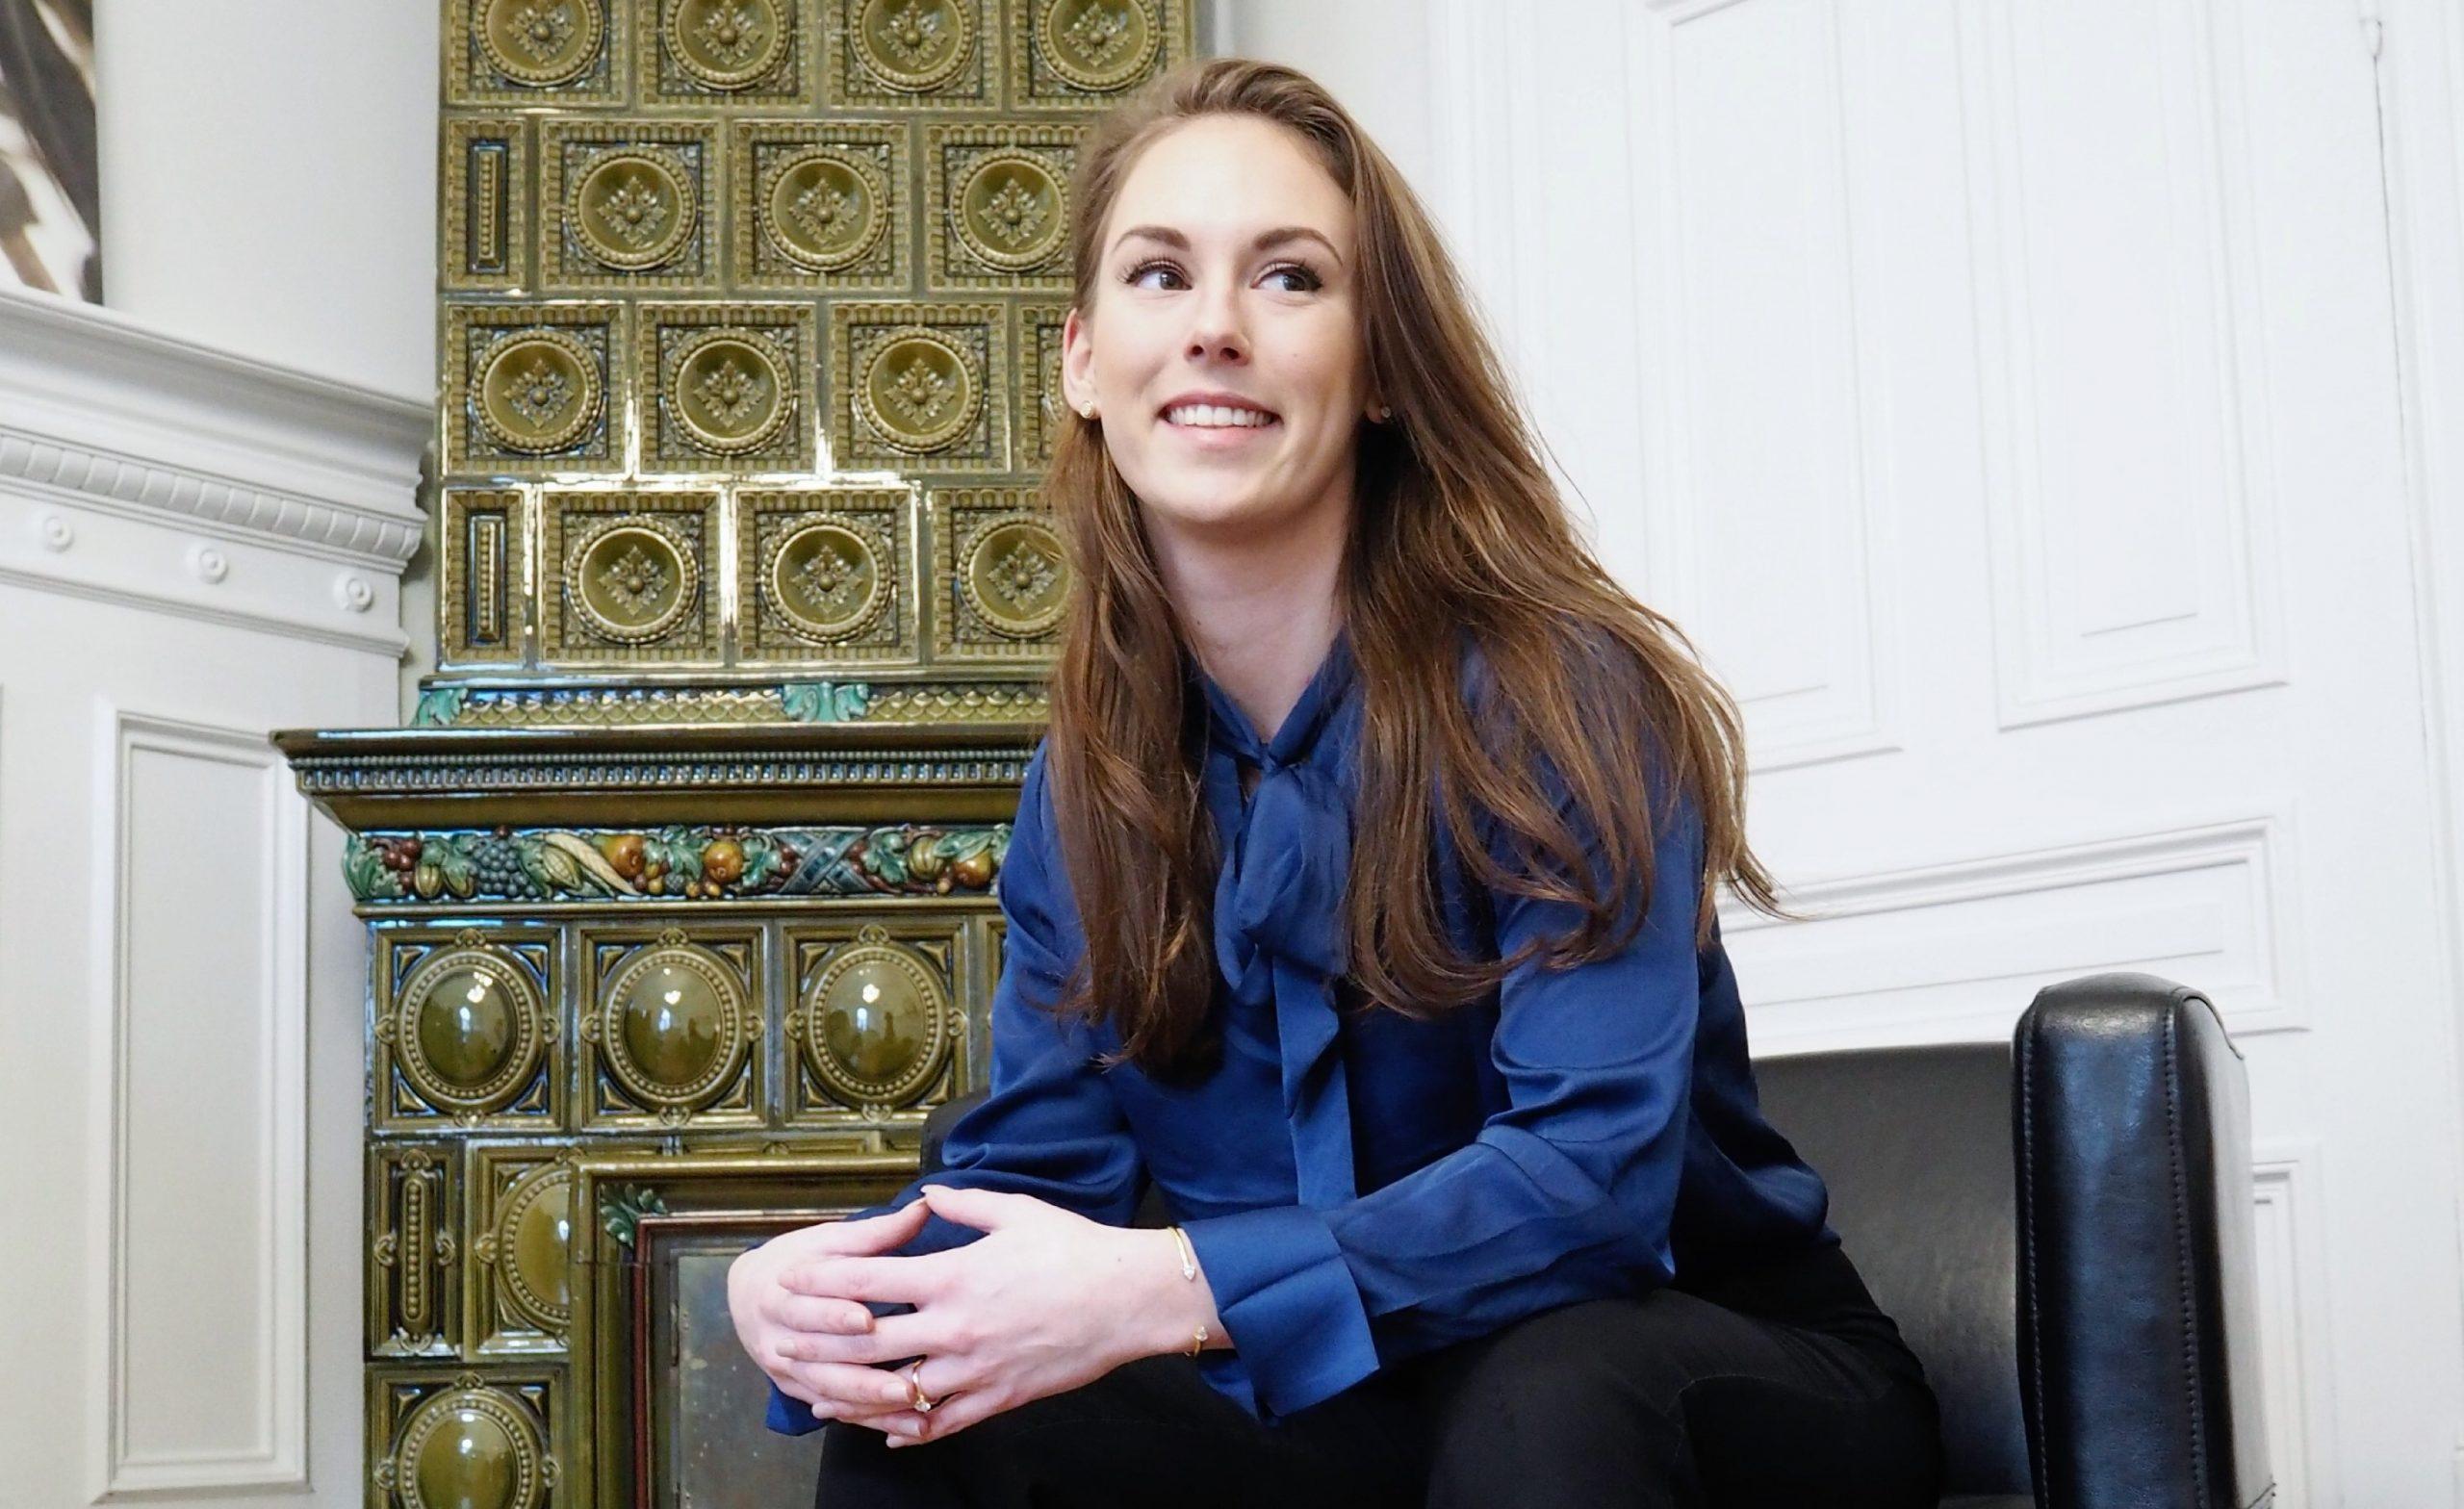 Programvareselskapet VisBook utvider – Erica Salonius blir ny markedssjef-img